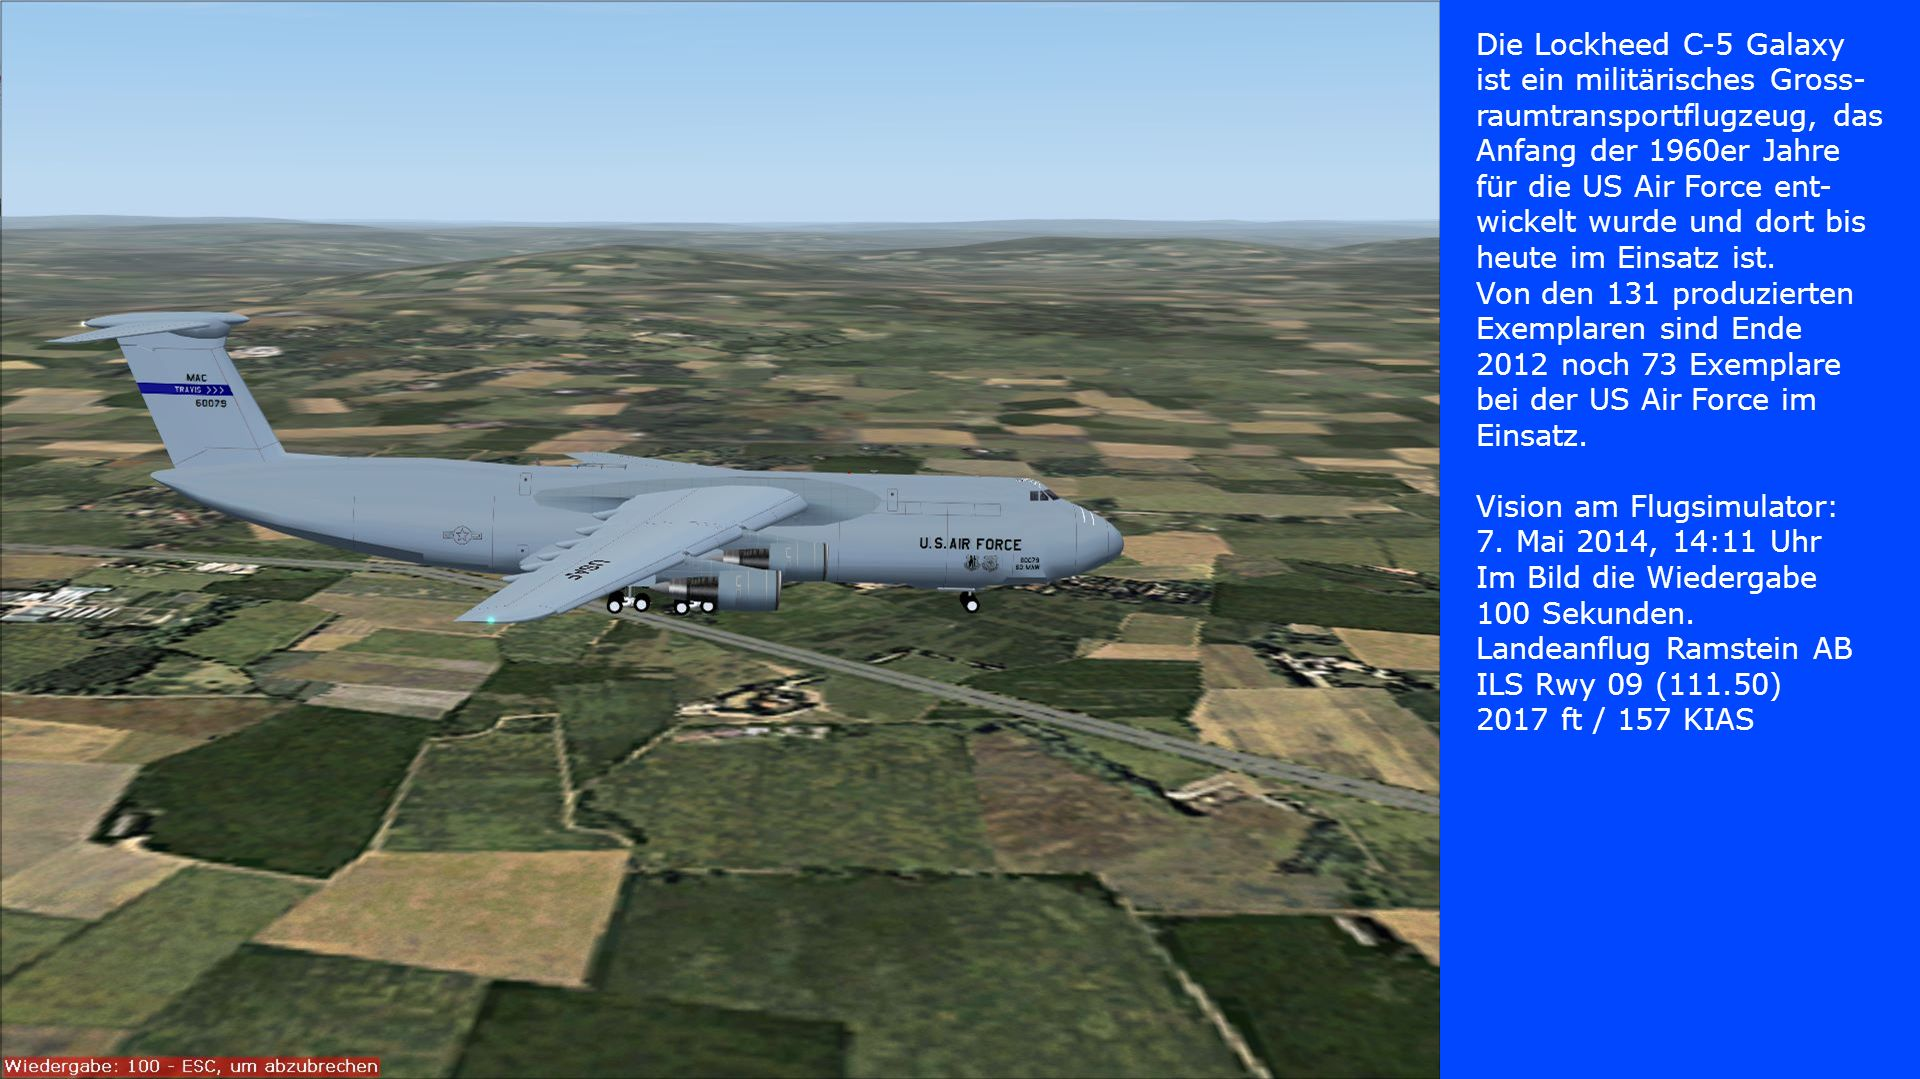 Die Lockheed C-5 Galaxy ist ein militärisches Gross-raumtransportflugzeug, das Anfang der 1960er Jahre für die US Air Force ent-wickelt wurde und dort bis heute im Einsatz ist.